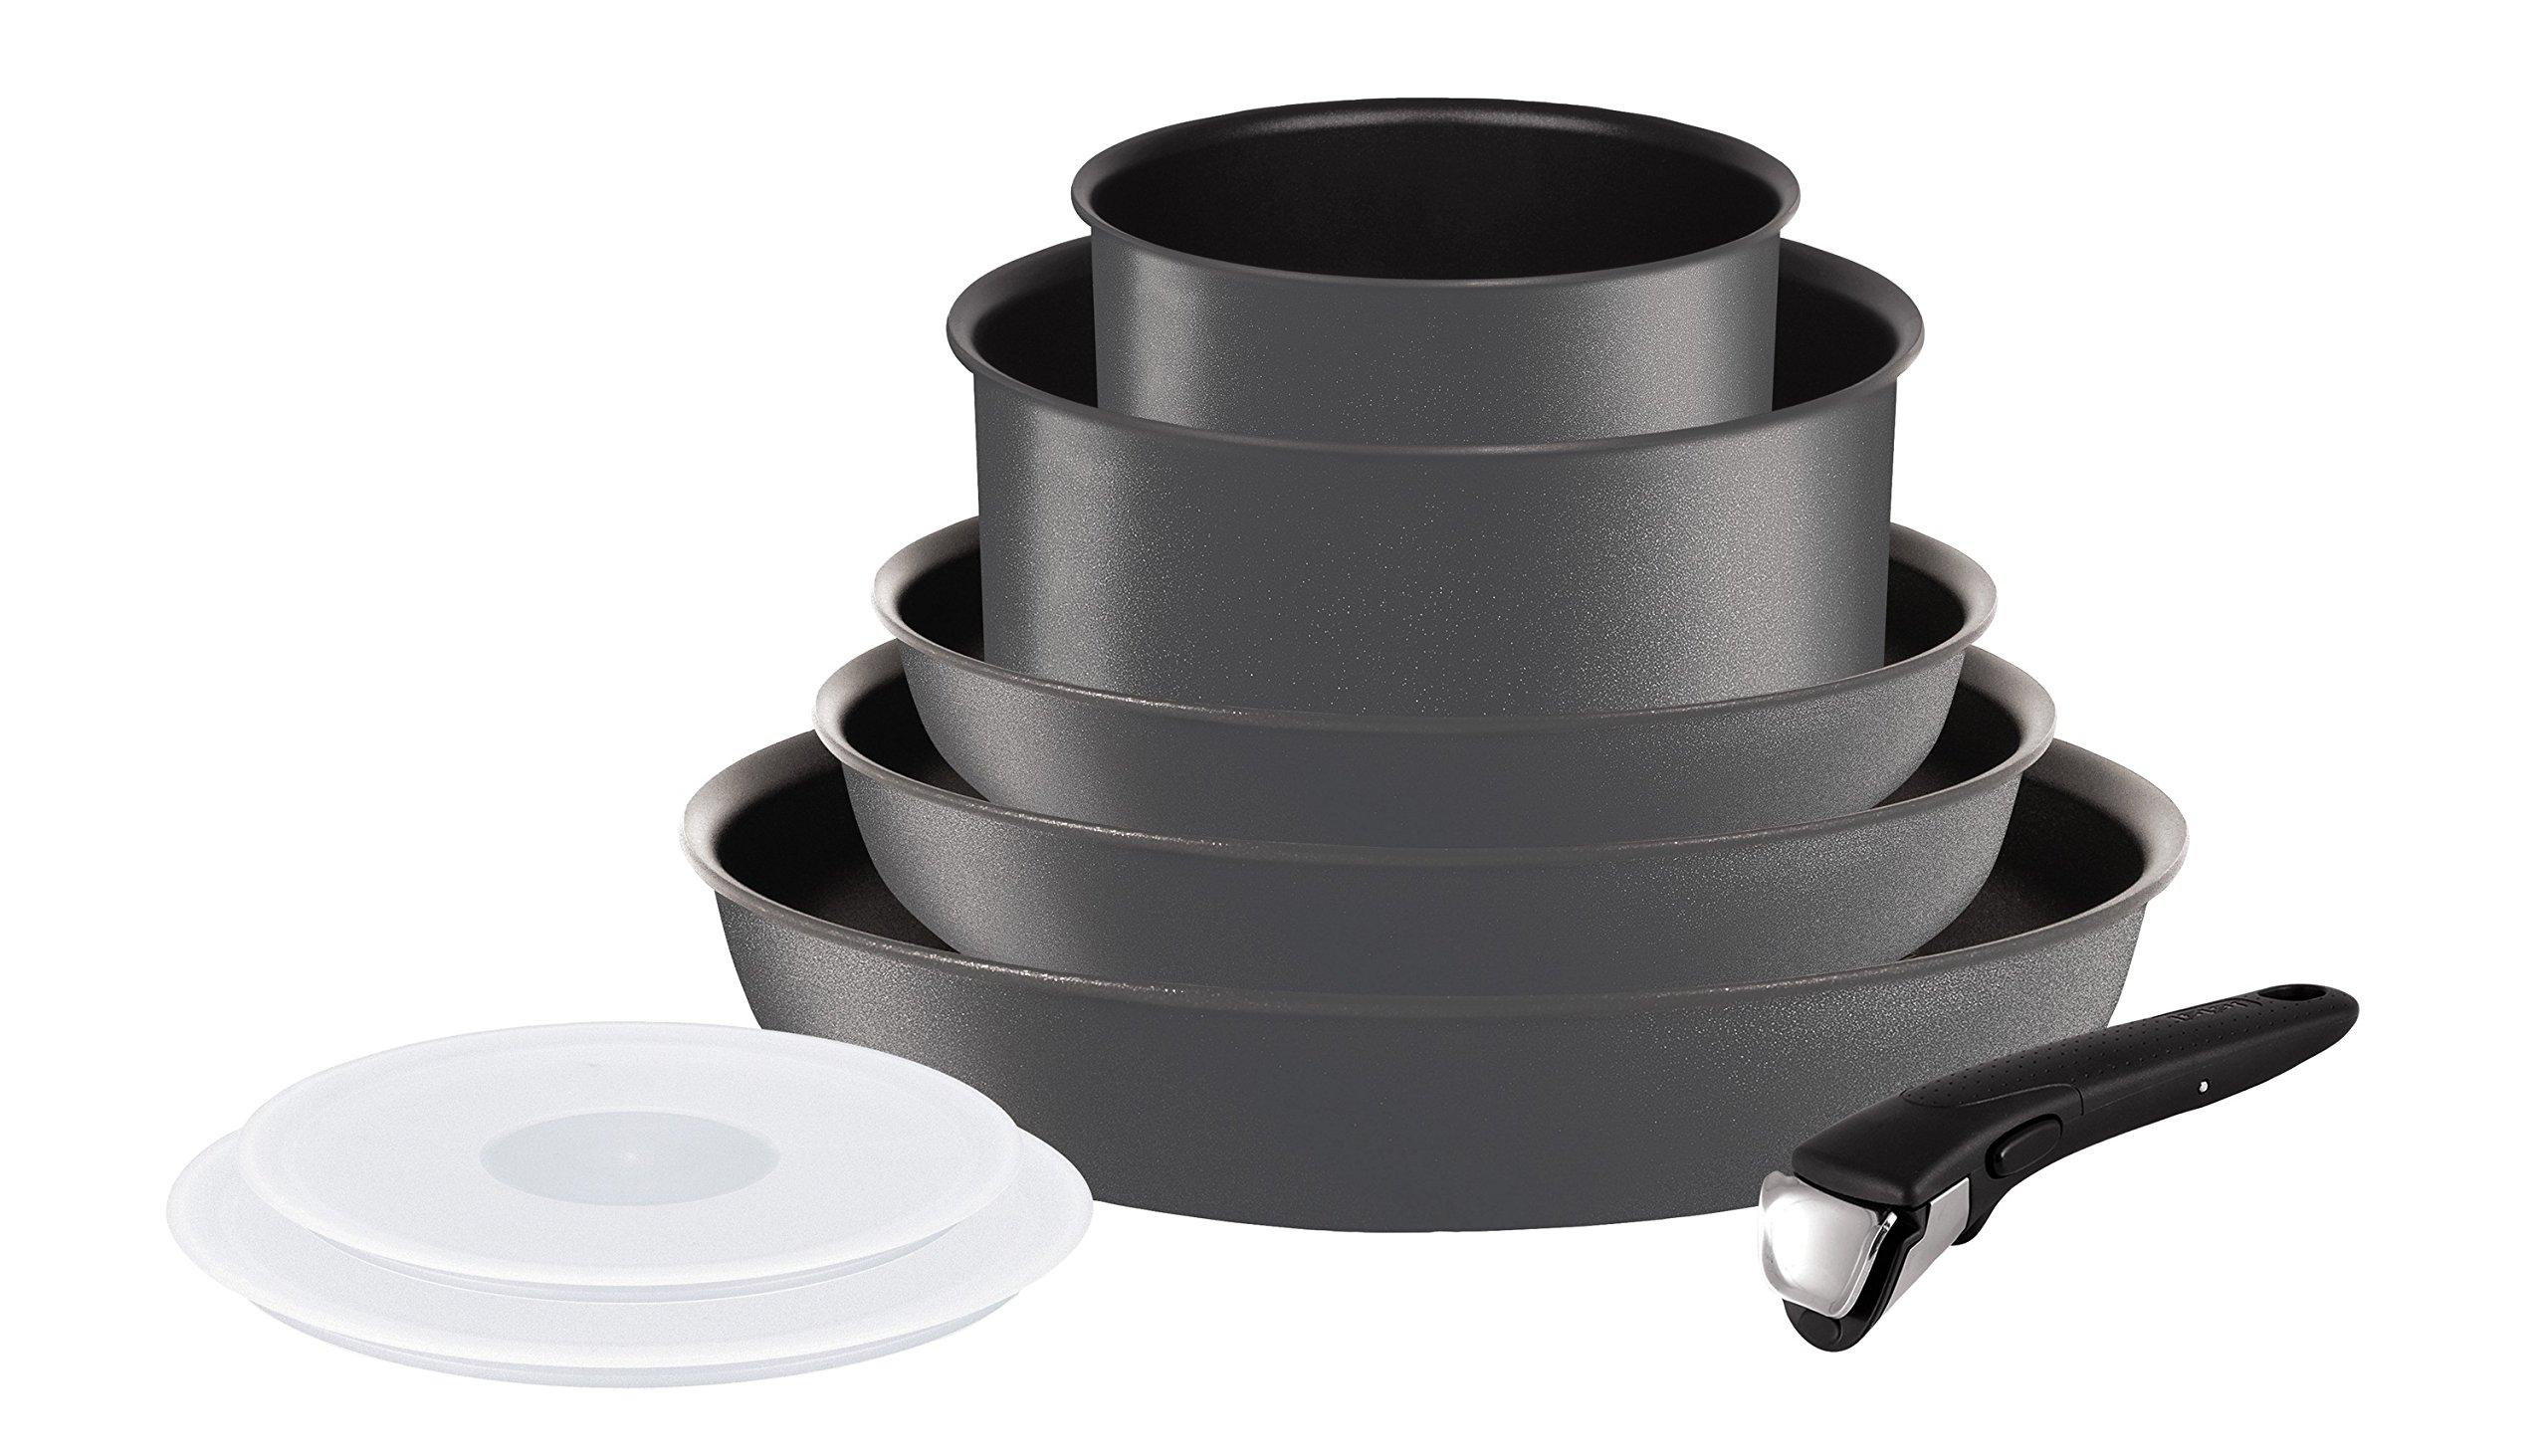 Tefal L6589403 Set de poêles et casseroles - Ingenio 5 Performance Gris 8 Pièces - Tous feux dont induction product image